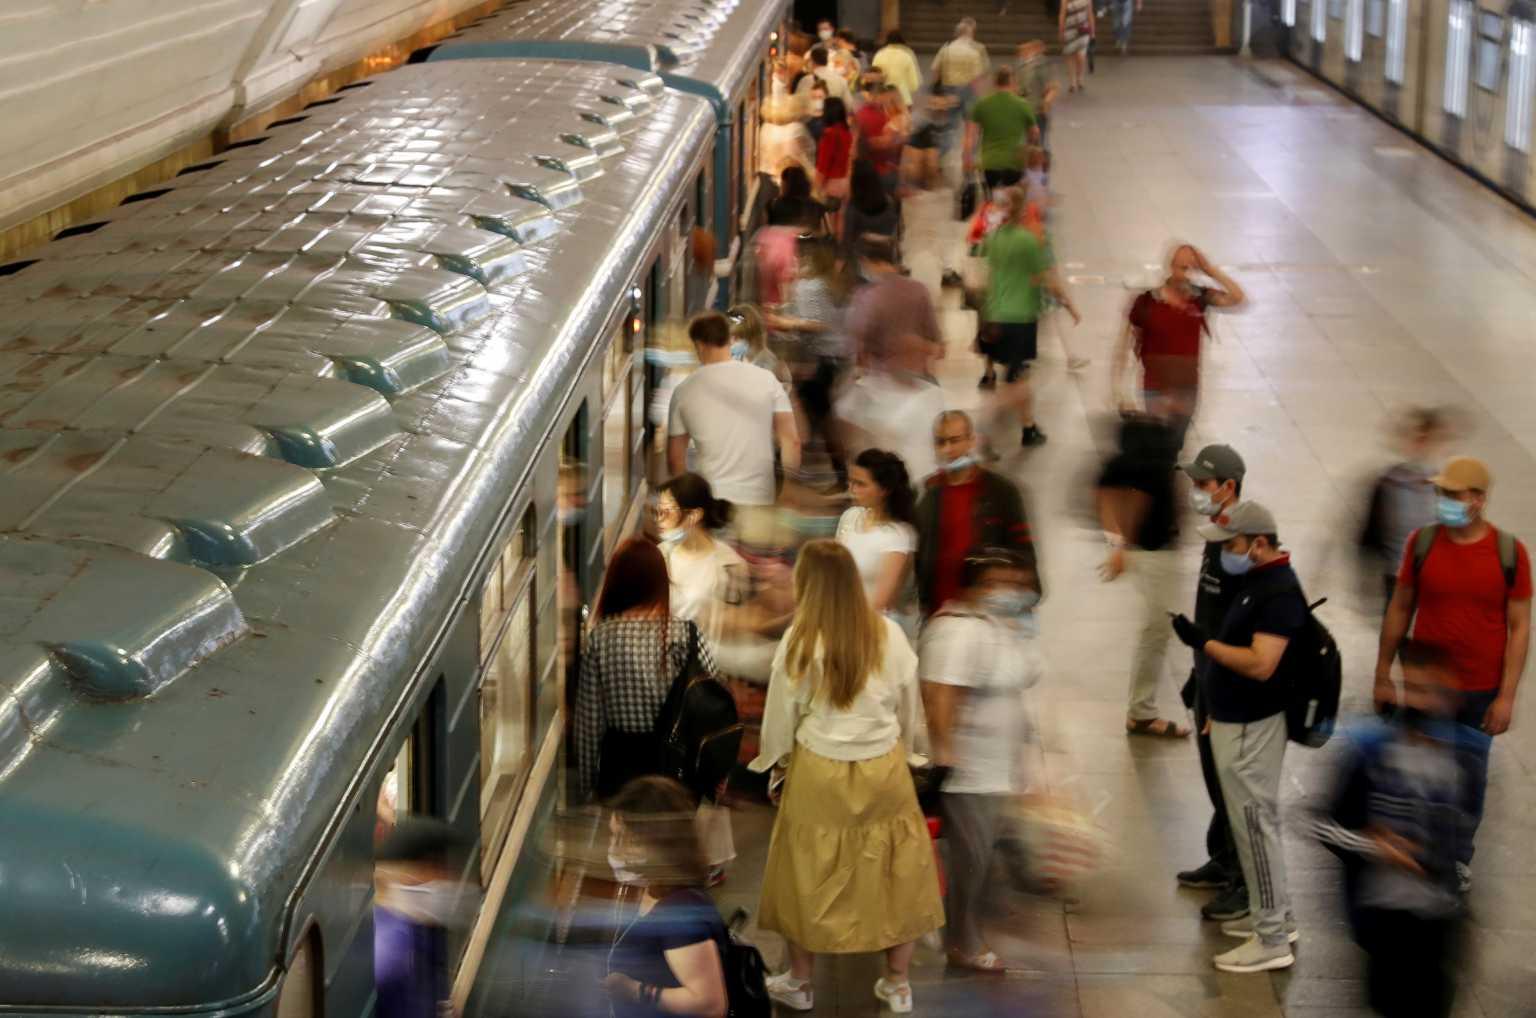 Μόσχα: Πληρωμή στο μετρό με αναγνώριση προσώπου